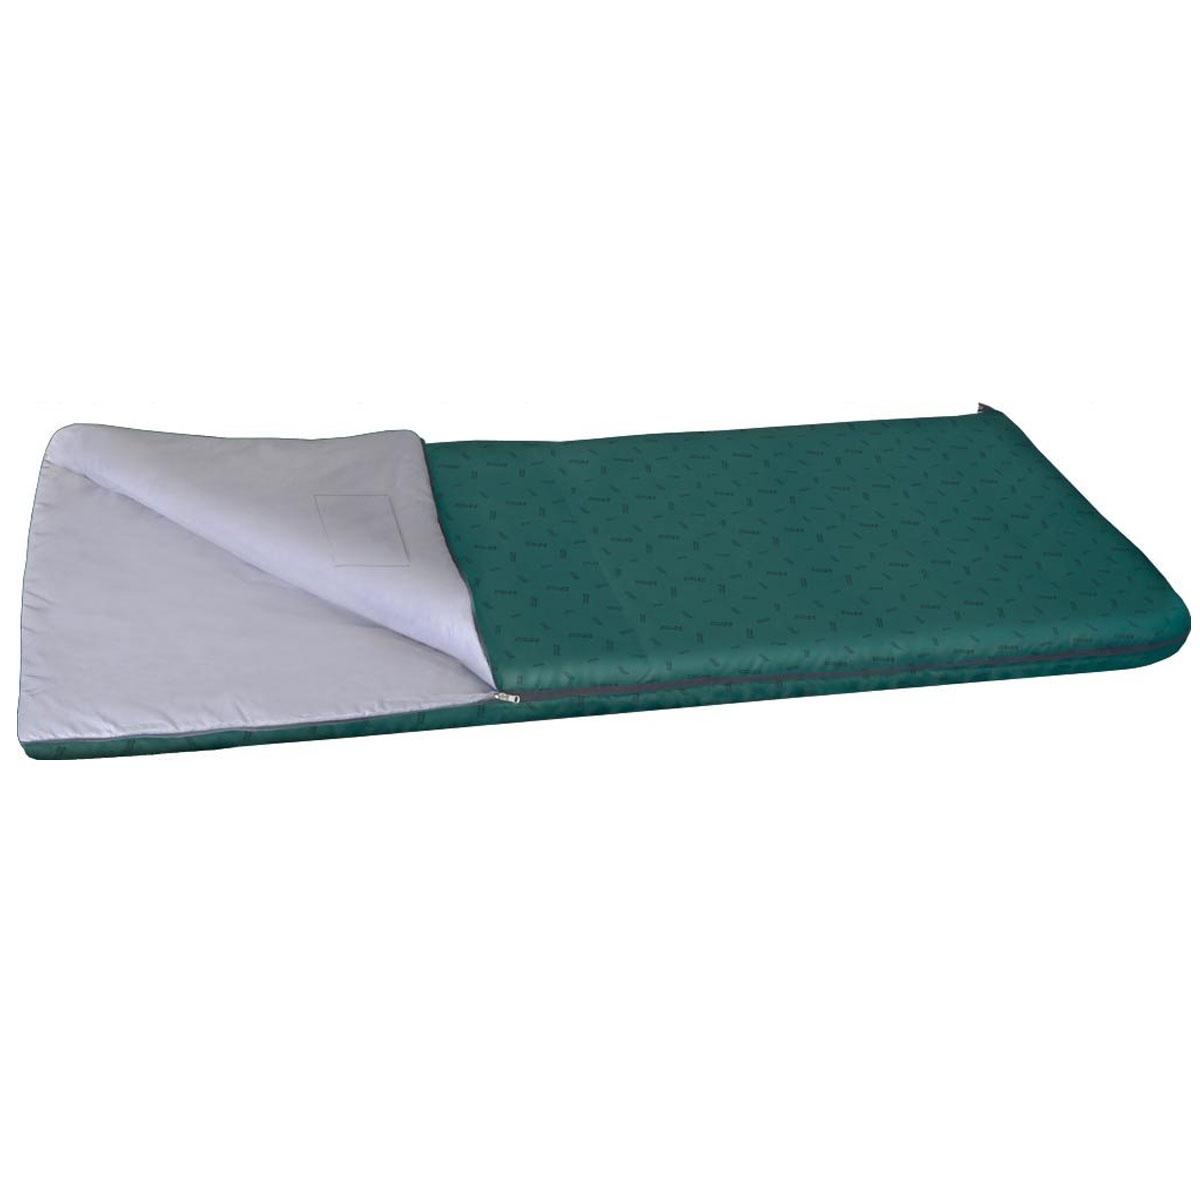 Спальный мешок NOVA TOUR Валдай 450, левосторонняя молния, цвет: нави95211-306-00Комфортный демисезонный спальный мешок NOVA TOUR Валдай 450, трансформирующийся при необходимости в теплое одеяло. Спальный мешок серии весна-осень, конструкции одеяло с синтетическим наполнителем. Для уменьшения веса изготавливается без подголовника. Благодаря двухзамковой молнии, имеется возможность состегнуть два спальника в один двойной. Для сушки и проветривания изделия предусмотрены две петли в нижней части мешка. Компрессионный мешок в комплекте.